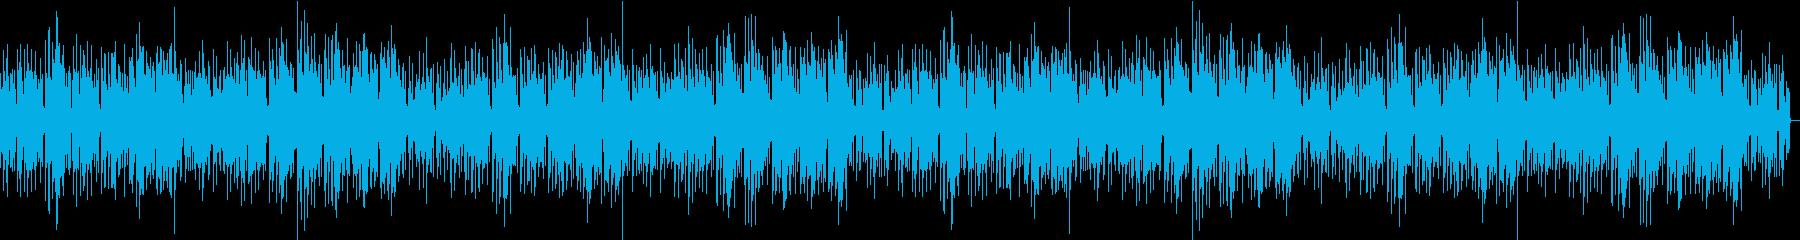 オリエンタルな曲調/RPGのMAP探索等の再生済みの波形